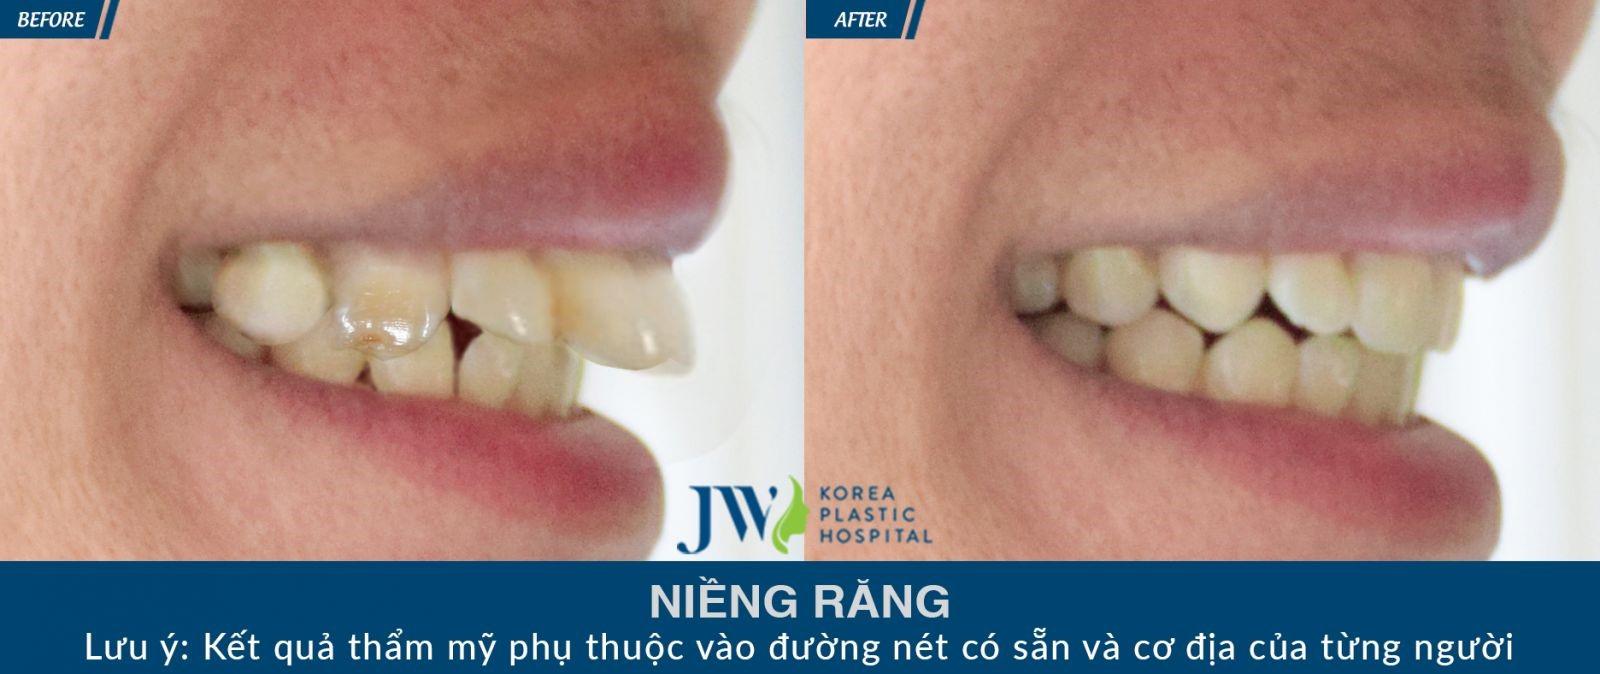 Khách hàng rất hài lòng khi hoàn tất quá trình niềng răng tại JW